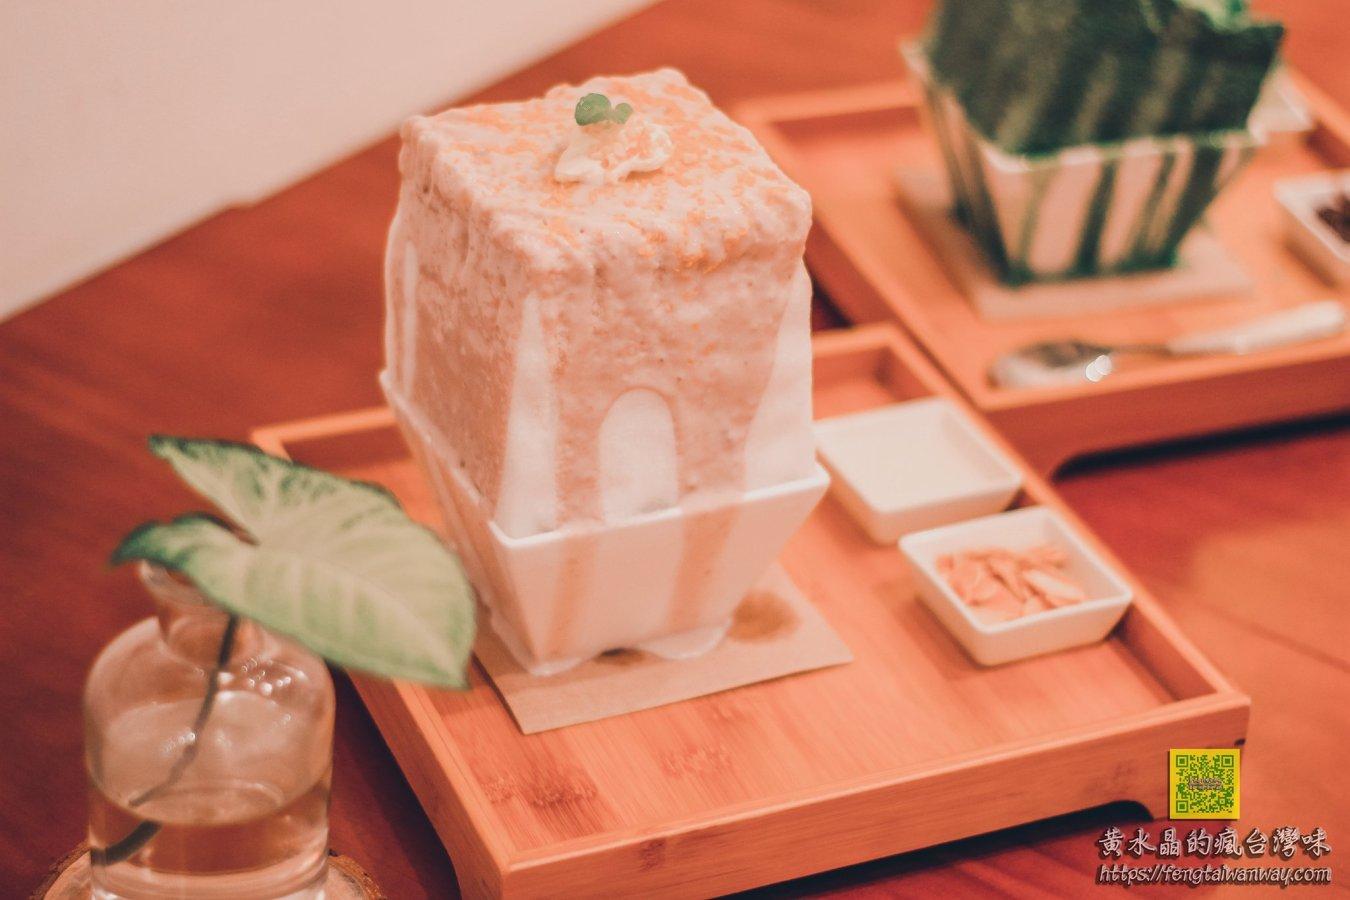 GARDEN 313【中壢冰店】|在一片綠意網美冰店裡大快朵頤韓式方形冰酥 @黃水晶的瘋台灣味